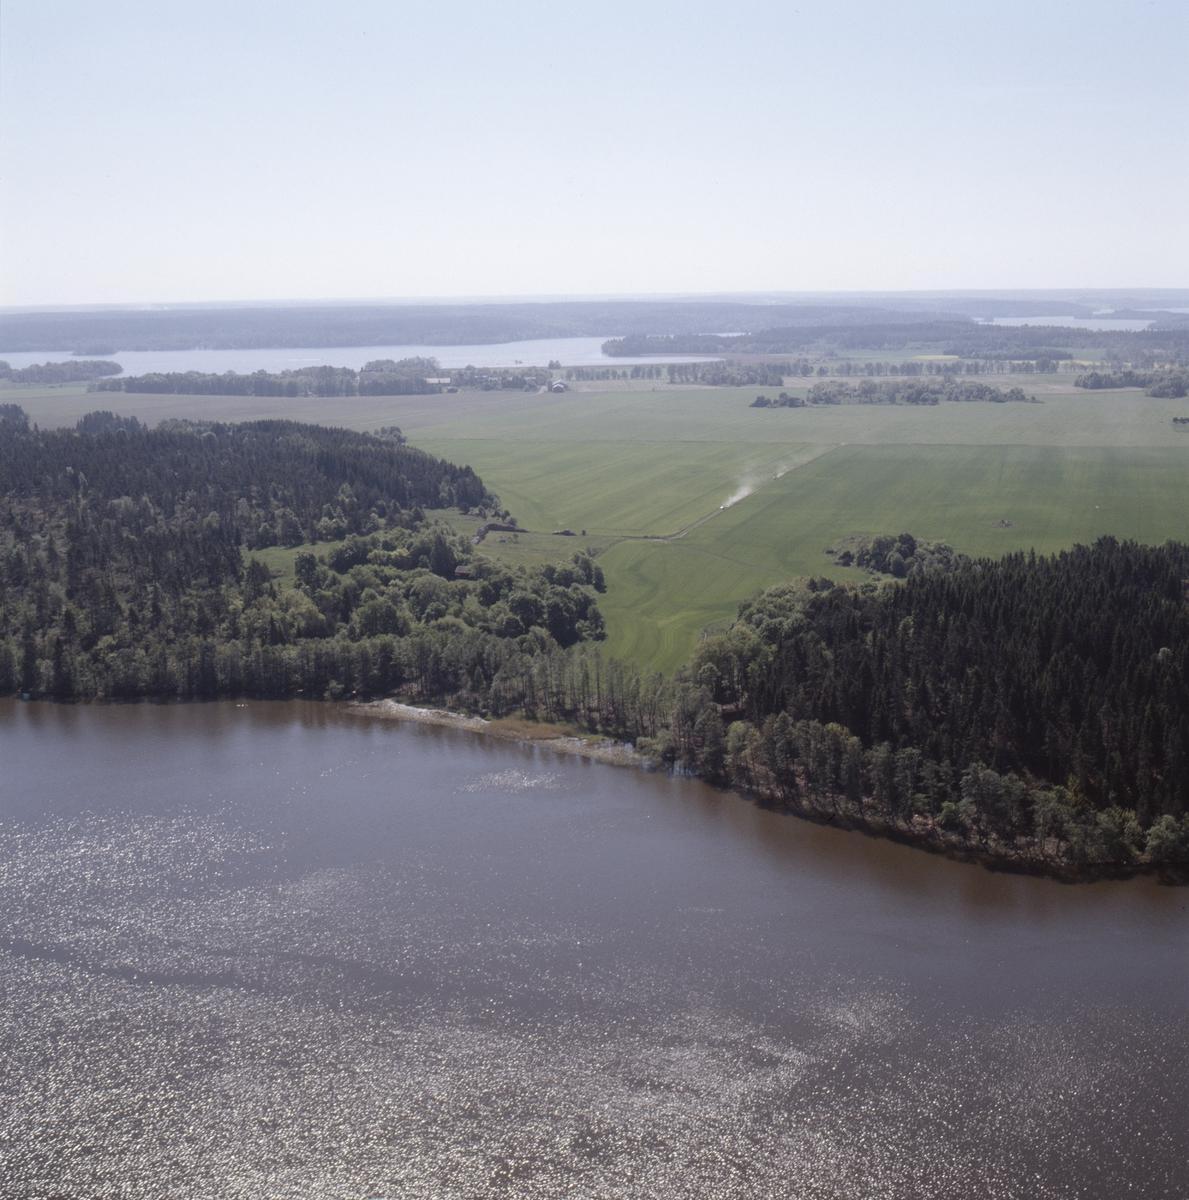 Vy över Lårstavikens södra strand i Mälaren, Uppland, juni 1989